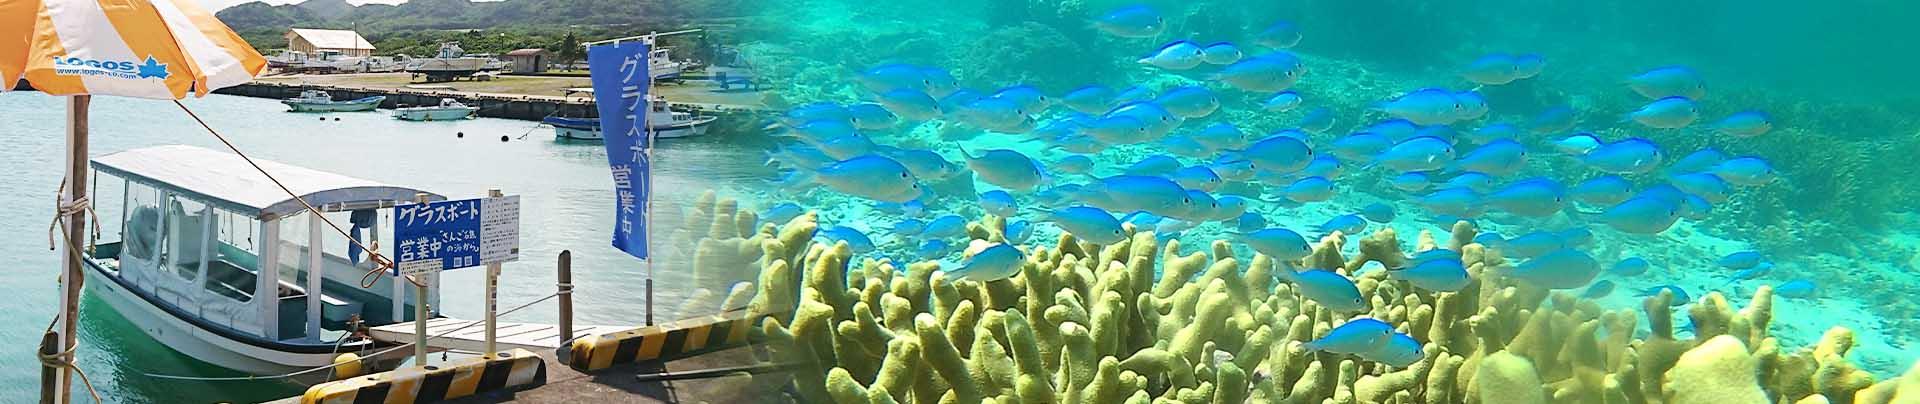 石垣島北部、東海岸でグラスボート!さんご礁の海から